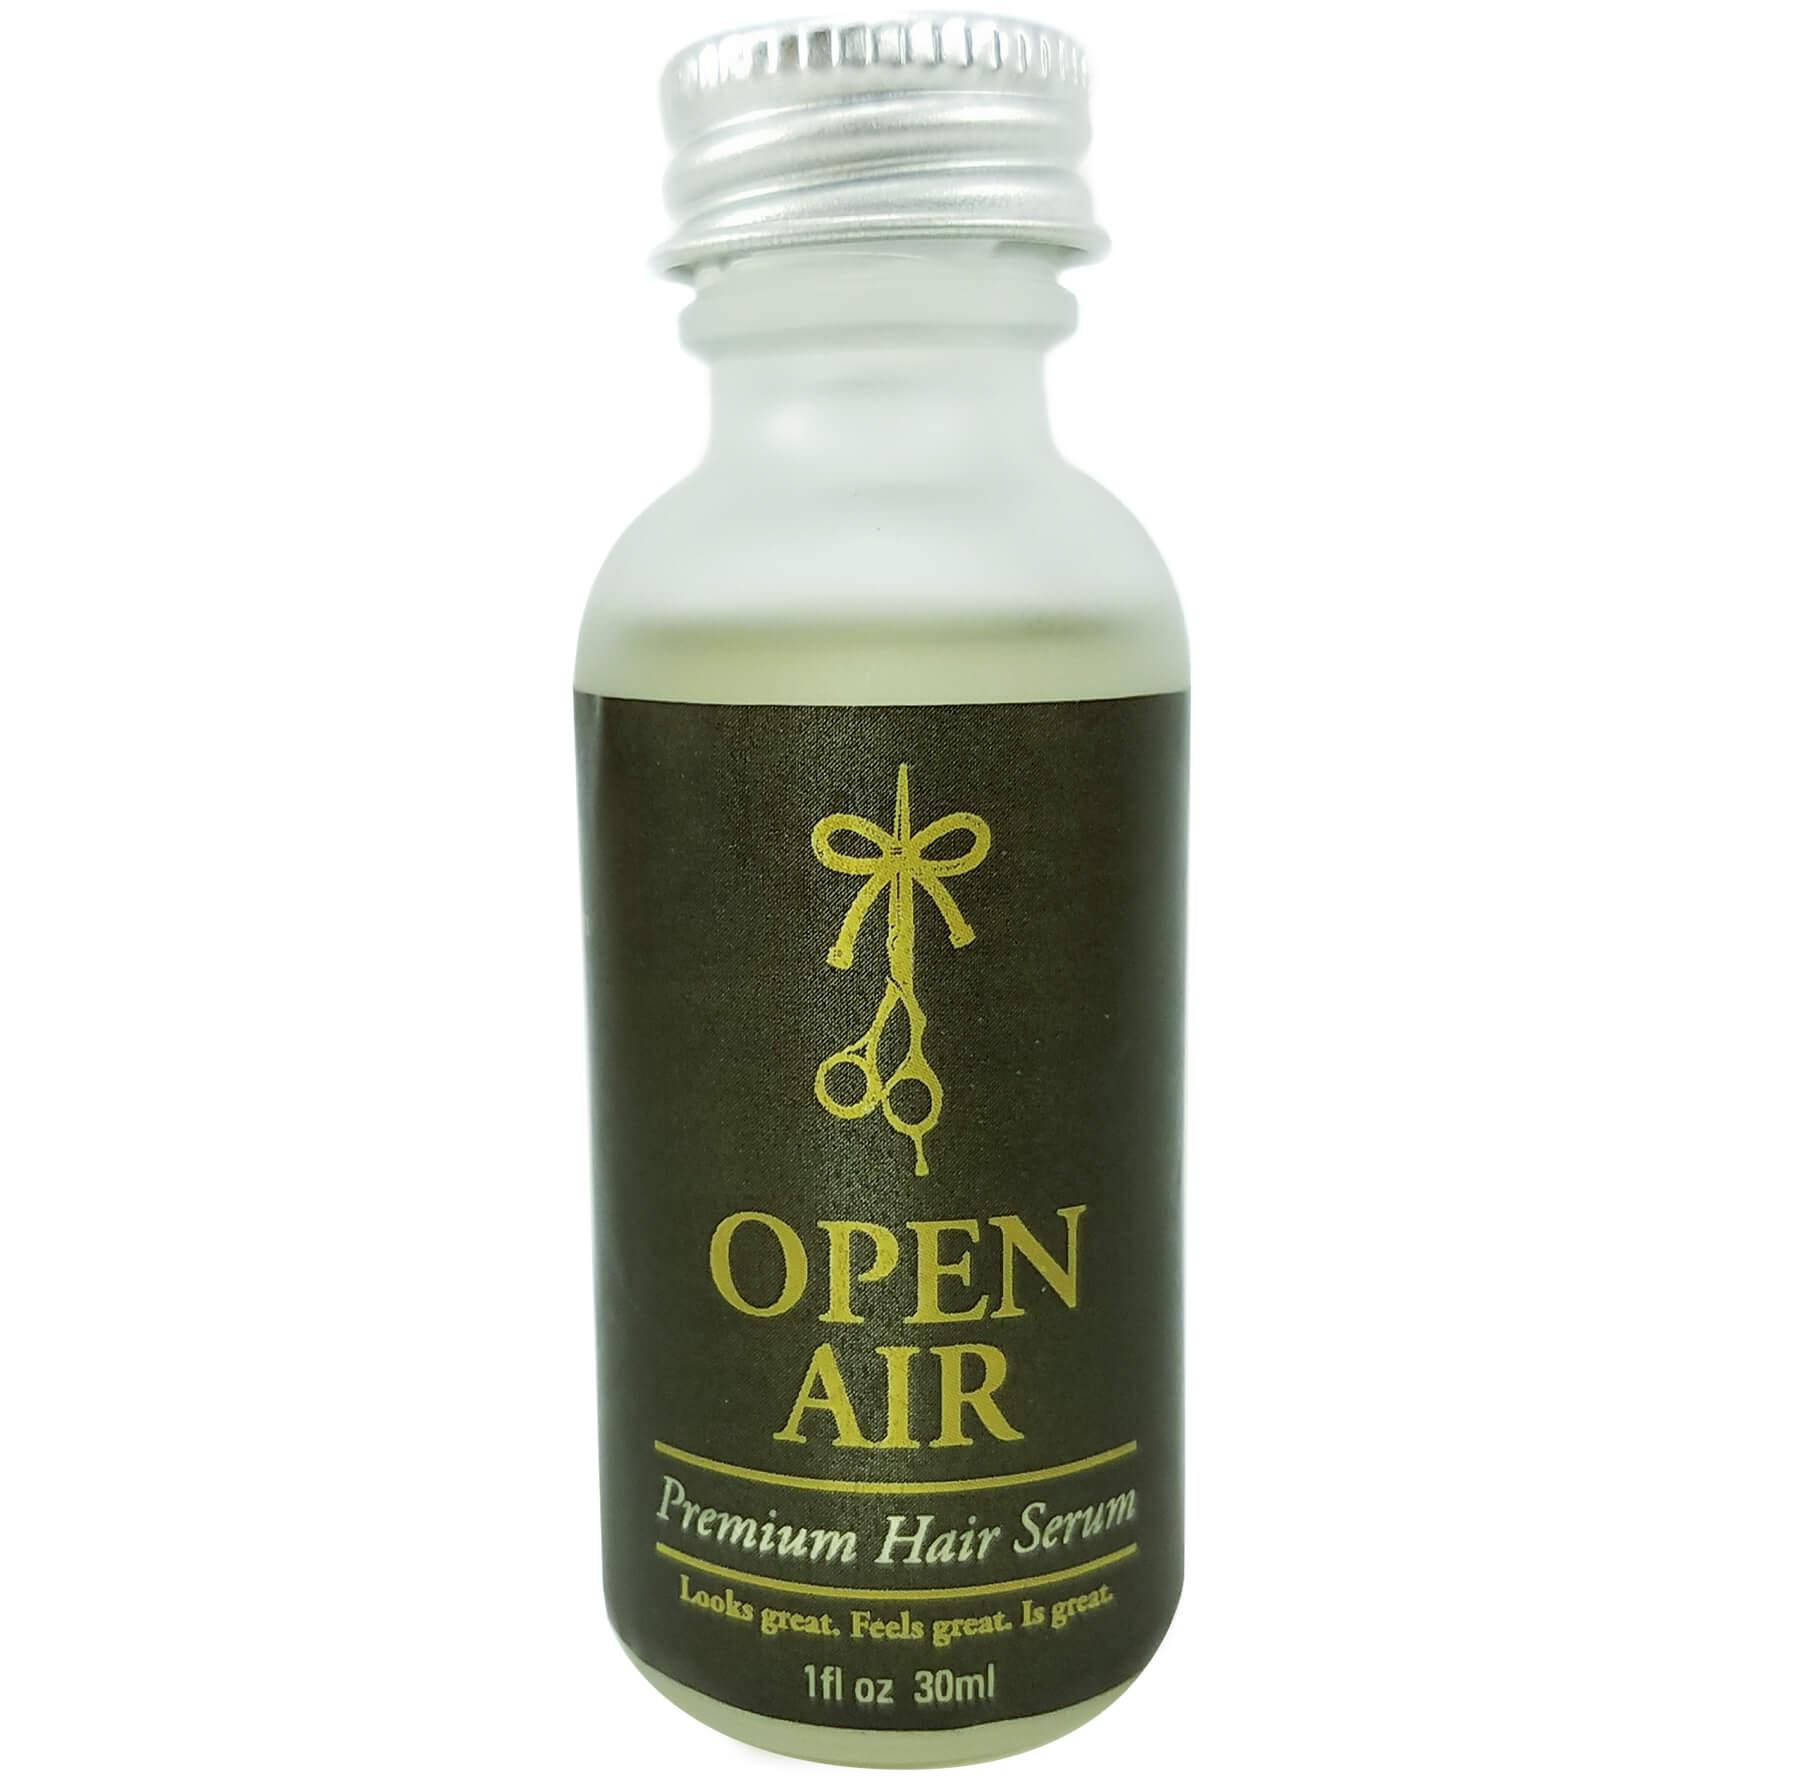 Open Air Hair Serum